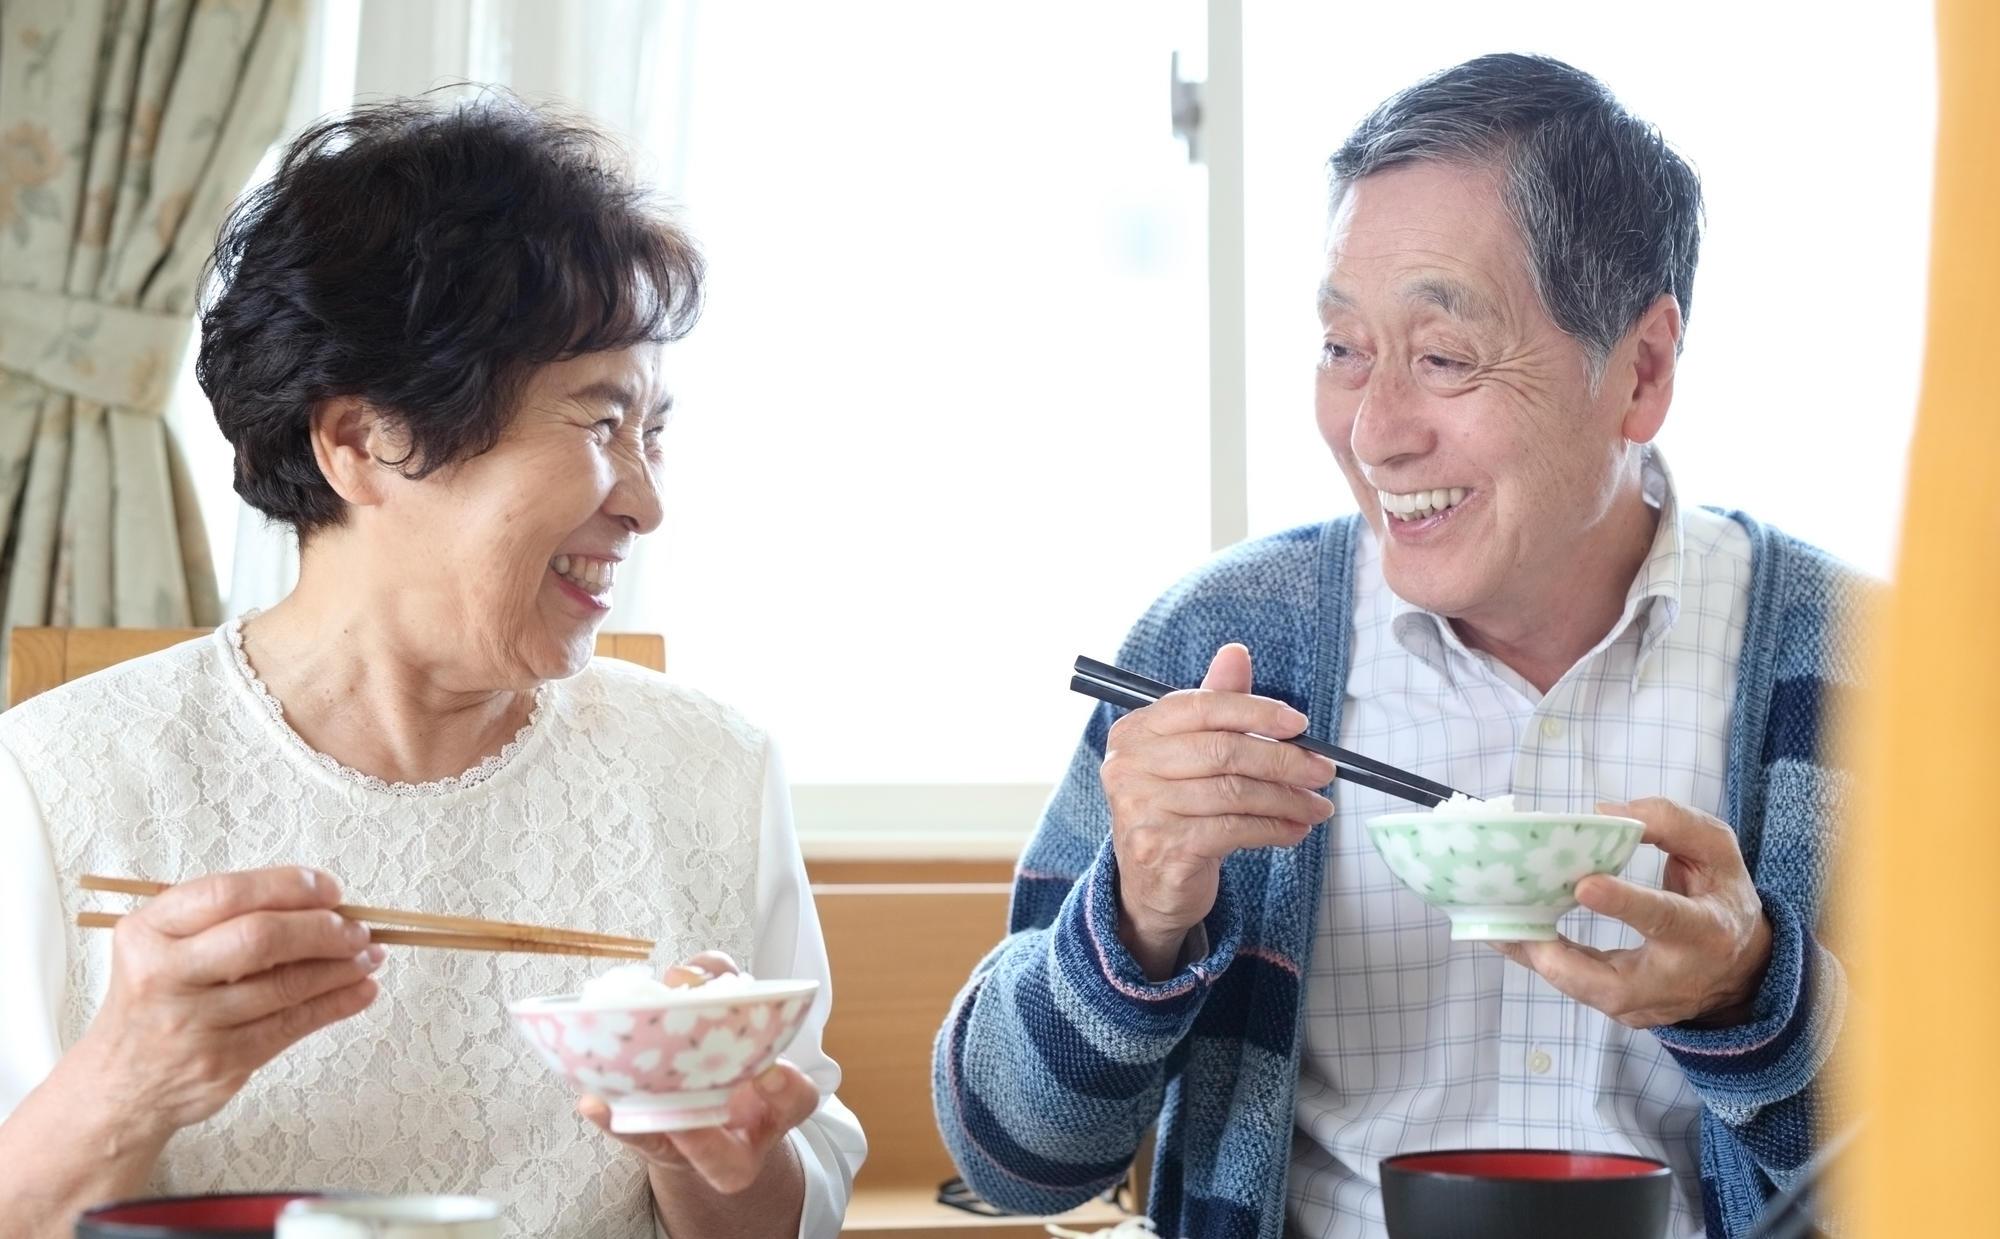 認知症予防に向けた食材選びと食習慣の見直しについて